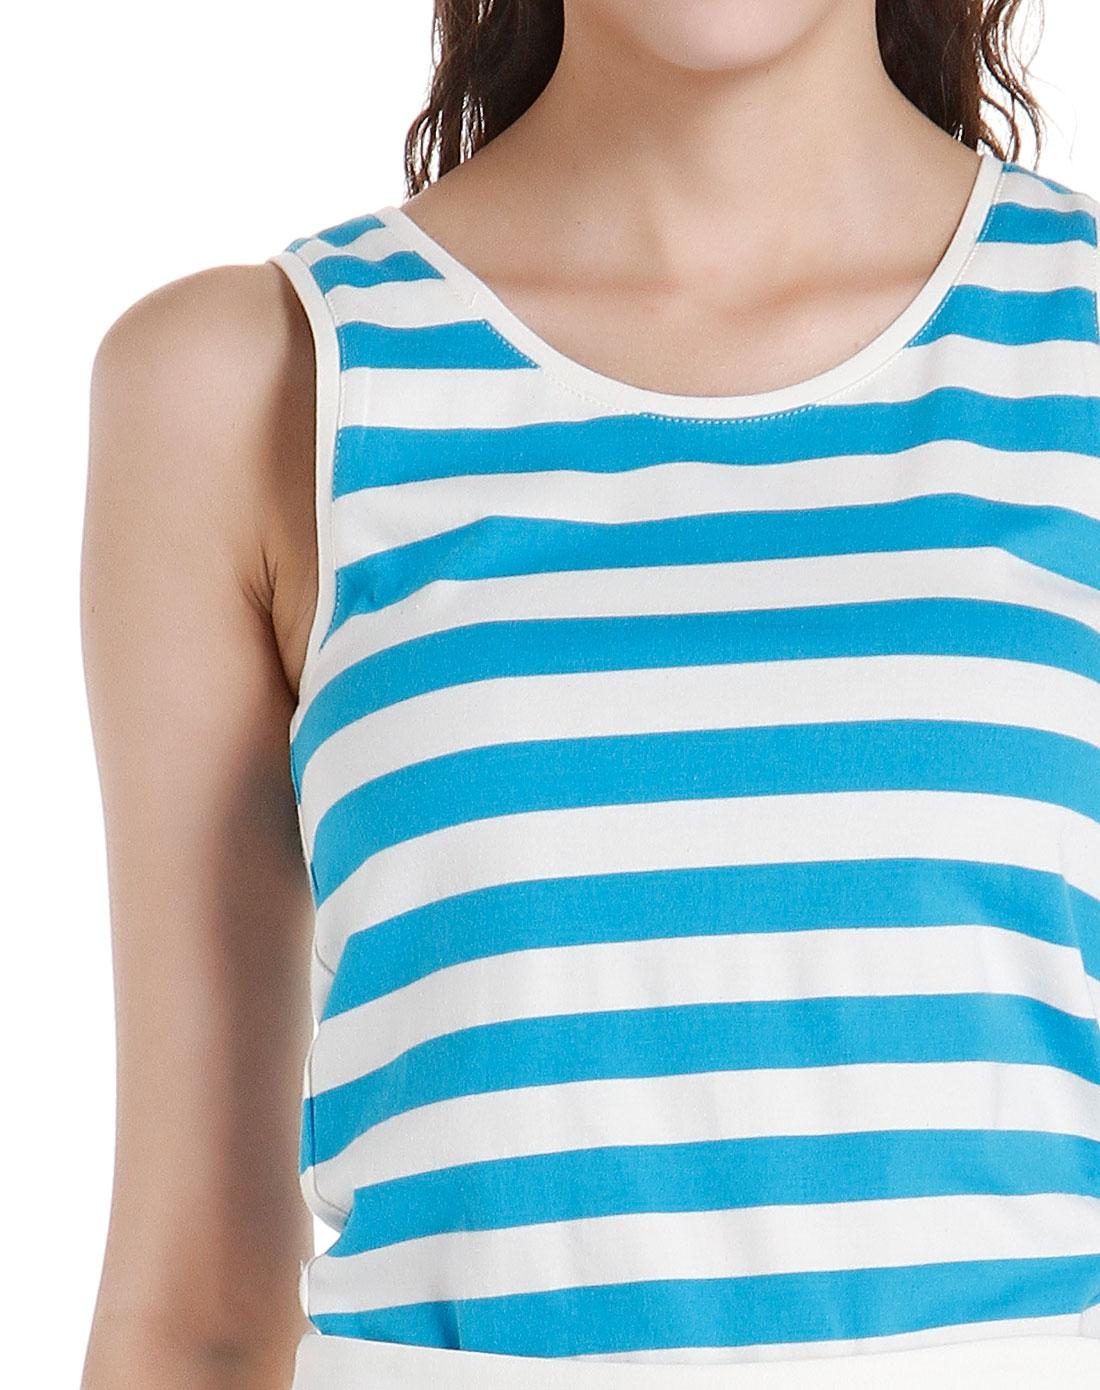 时尚夏日蓝白色条纹背心